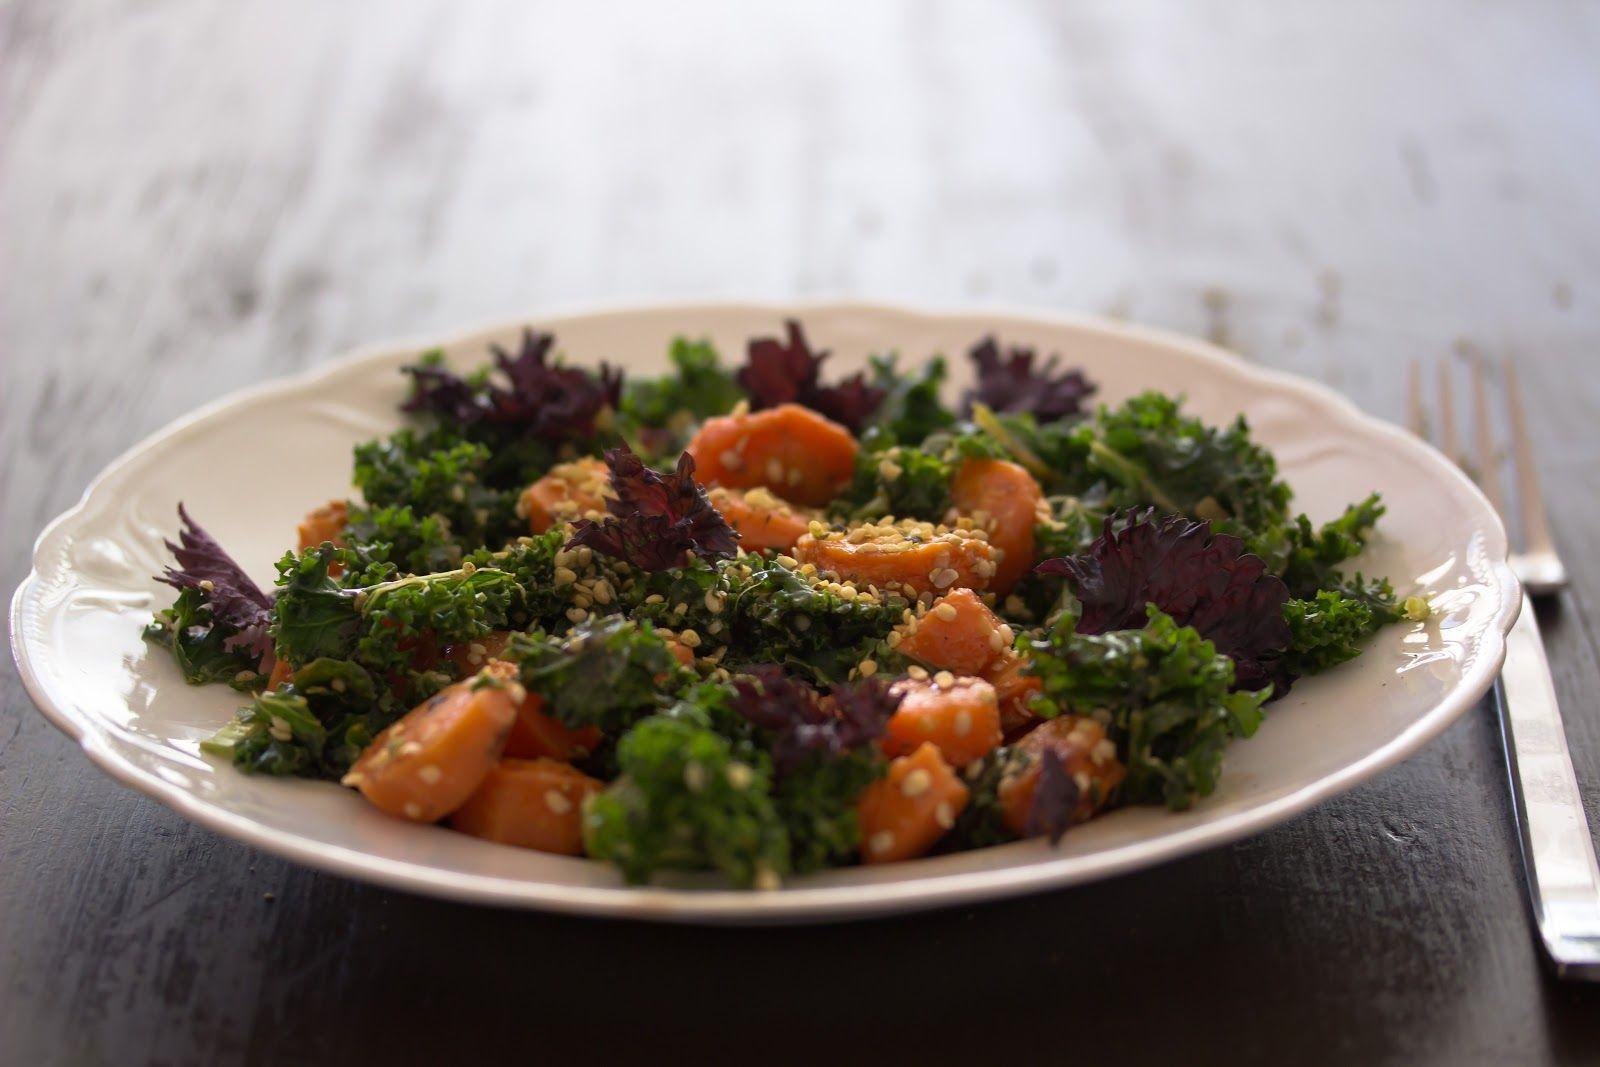 Kale with roasted carrot - Herkullinen arki: Lehtikaalia, karamelloitua porkkanaa, taatelibalsamicoa | Keittiökameleontti